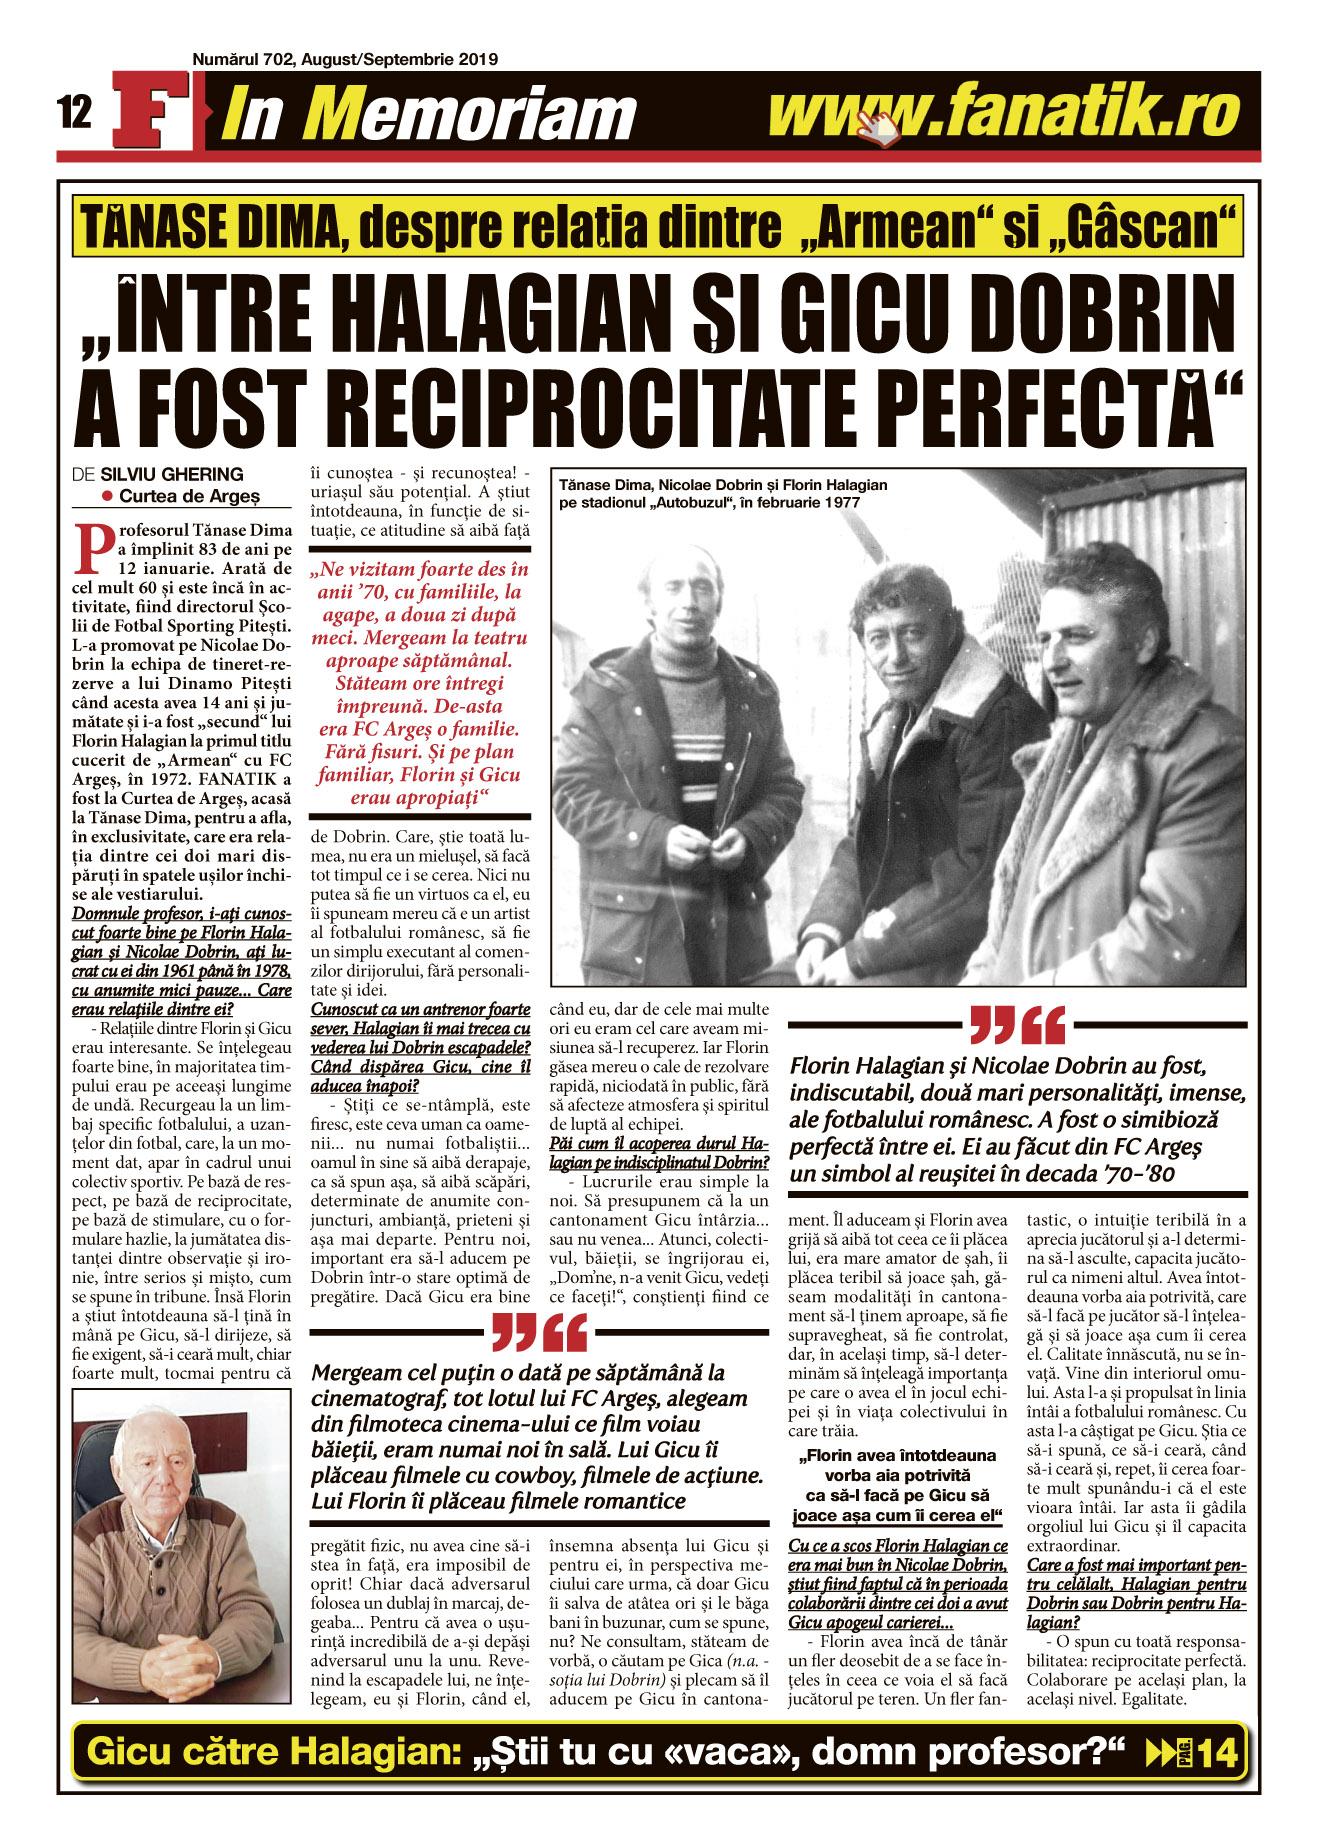 Profesorul Tănase Dima a lucrat cu Gicu Dobrin și Florin Halagien mulți ani. Amintirile sale despre cei doi mari dispăruți fac parte din istoria fotbalului românesc și îi definește perfect pe Gicu și Hala